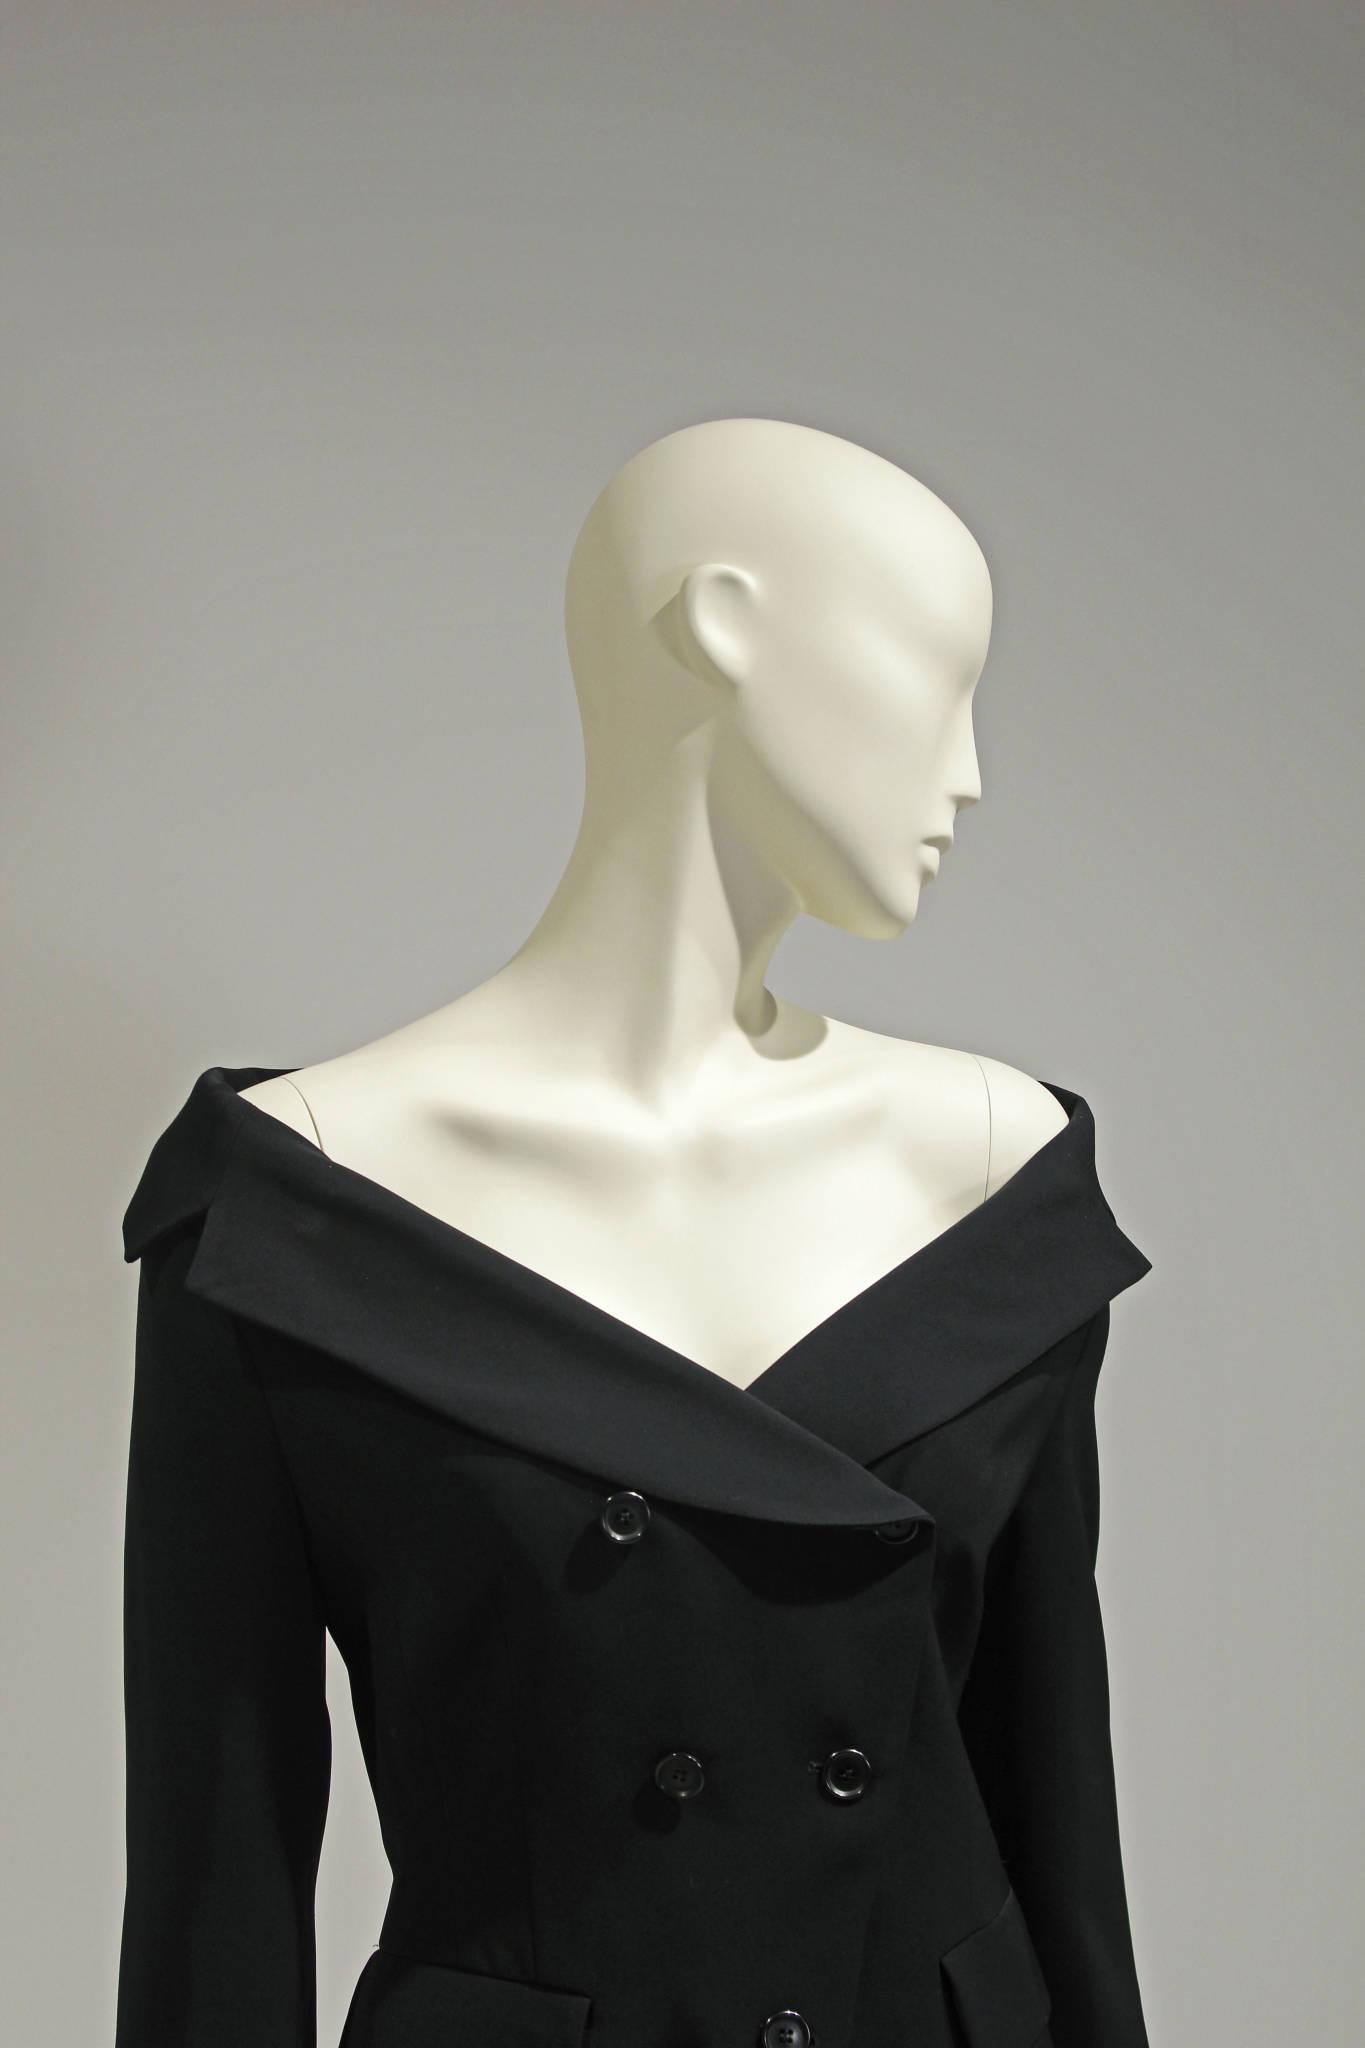 Yndefulde design mannequiner udviklet med inspiration fra de største modehuse - dit sikre valg.